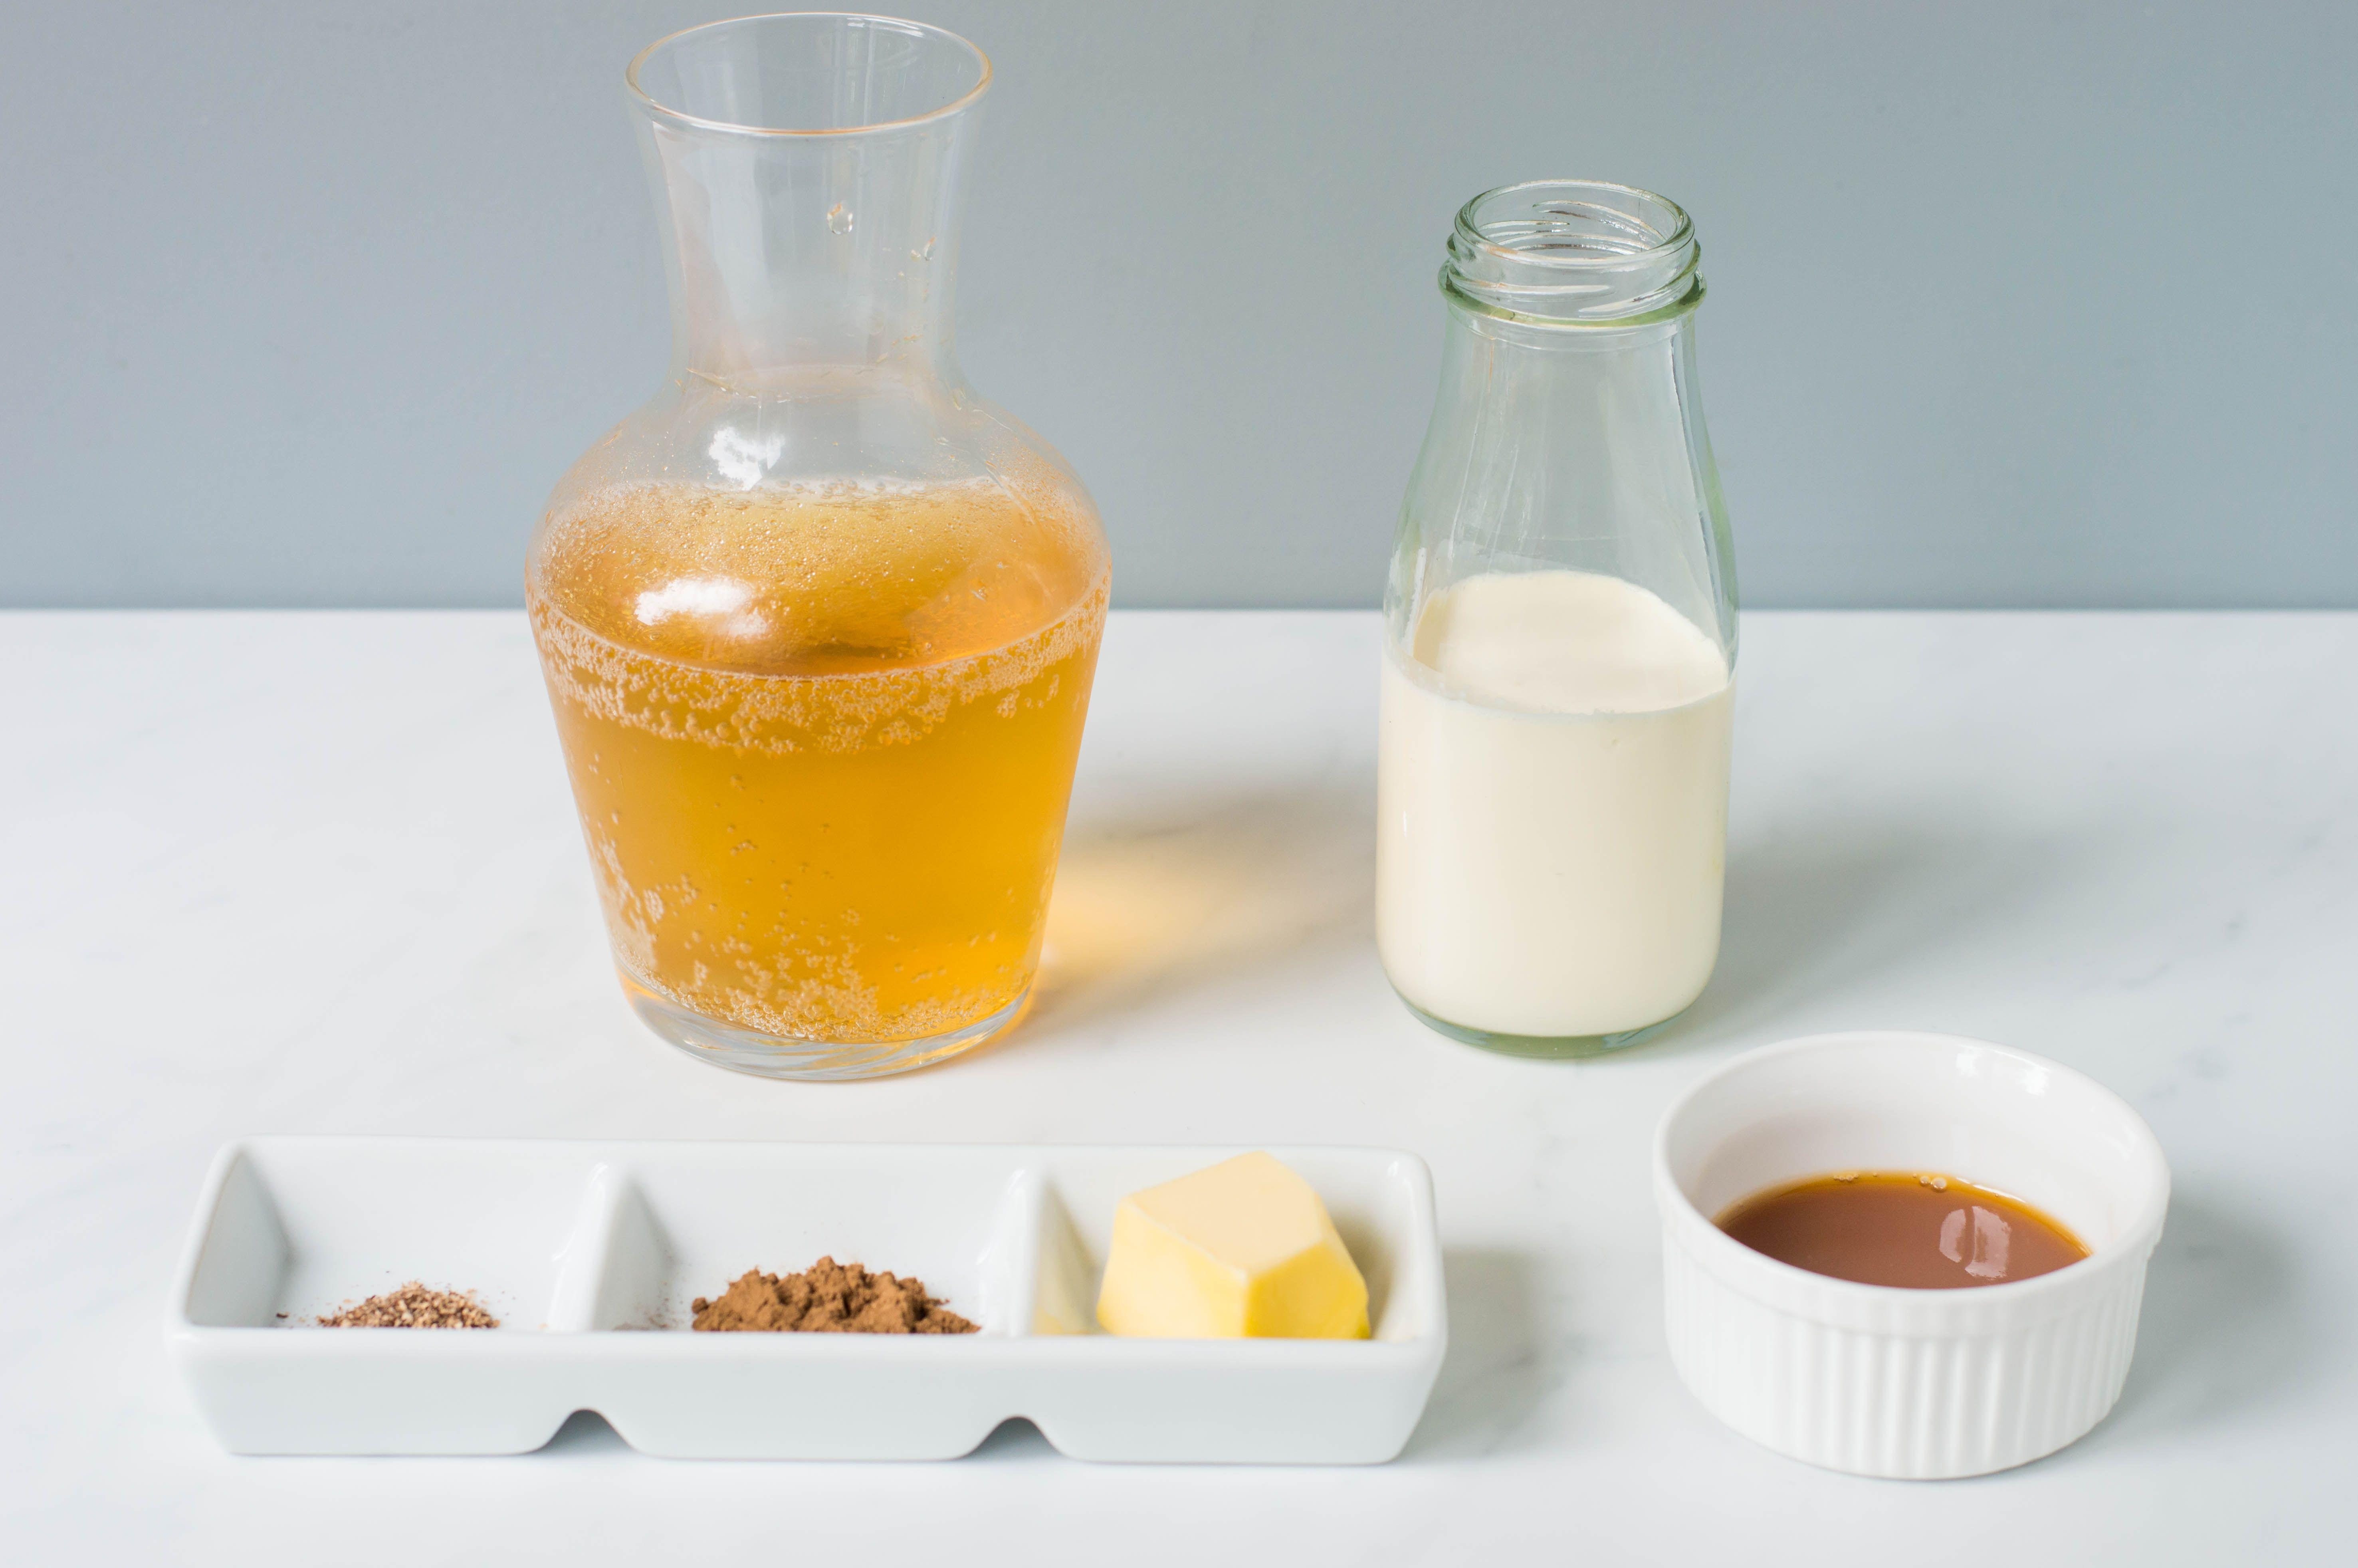 Butterbeer ingredients